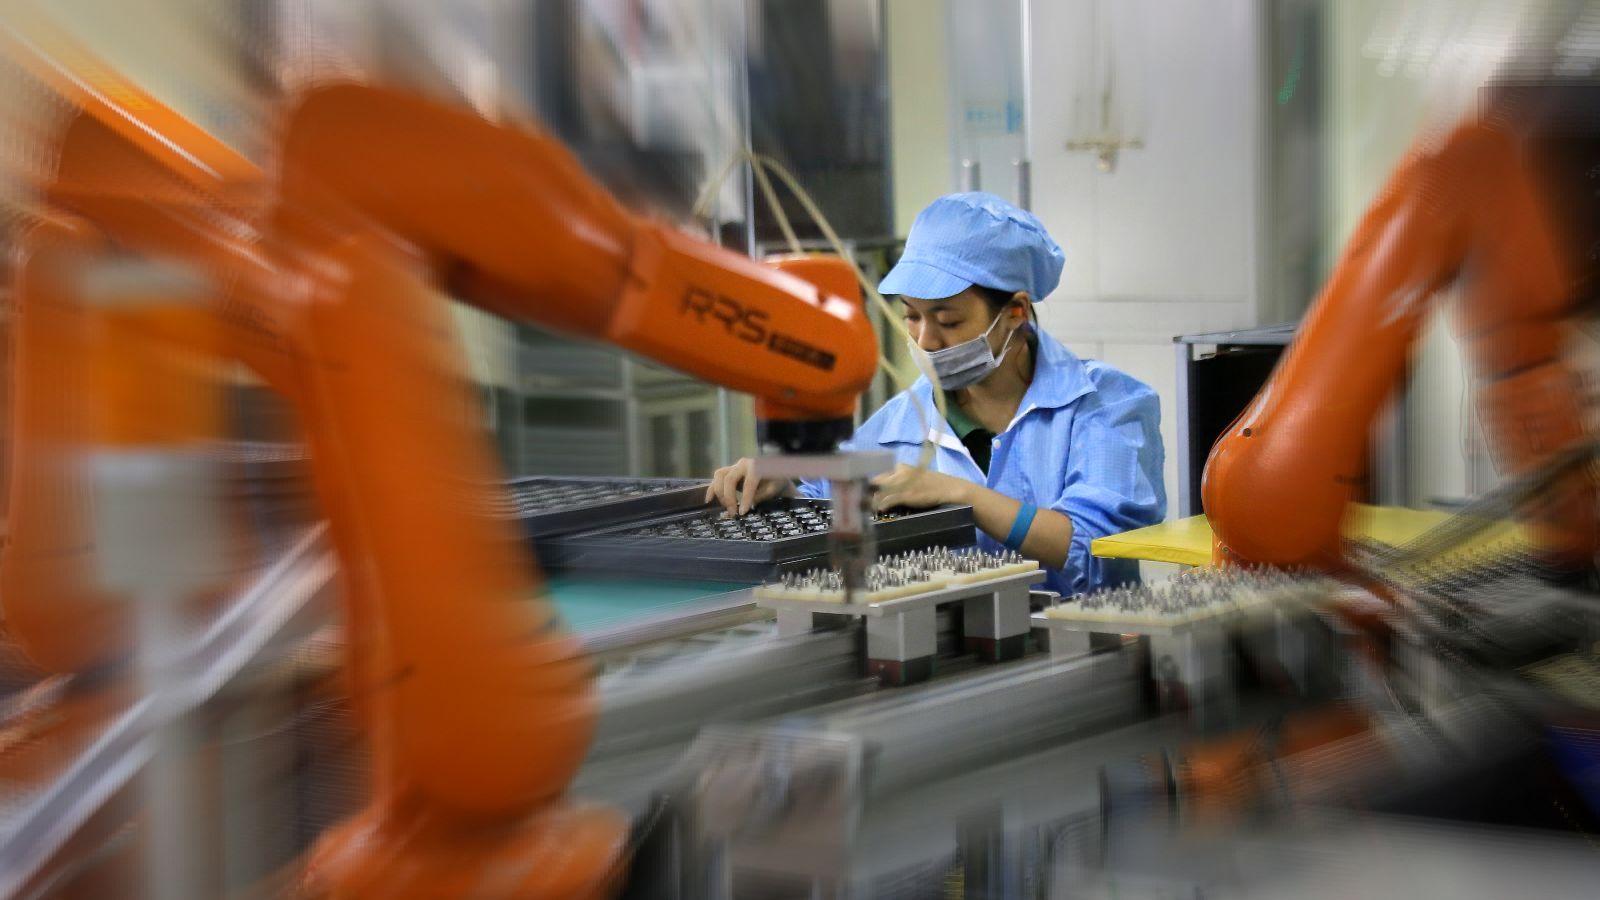 La automatización del trabajo: ¡100 oficios que desaparecerán en Santa Fe!